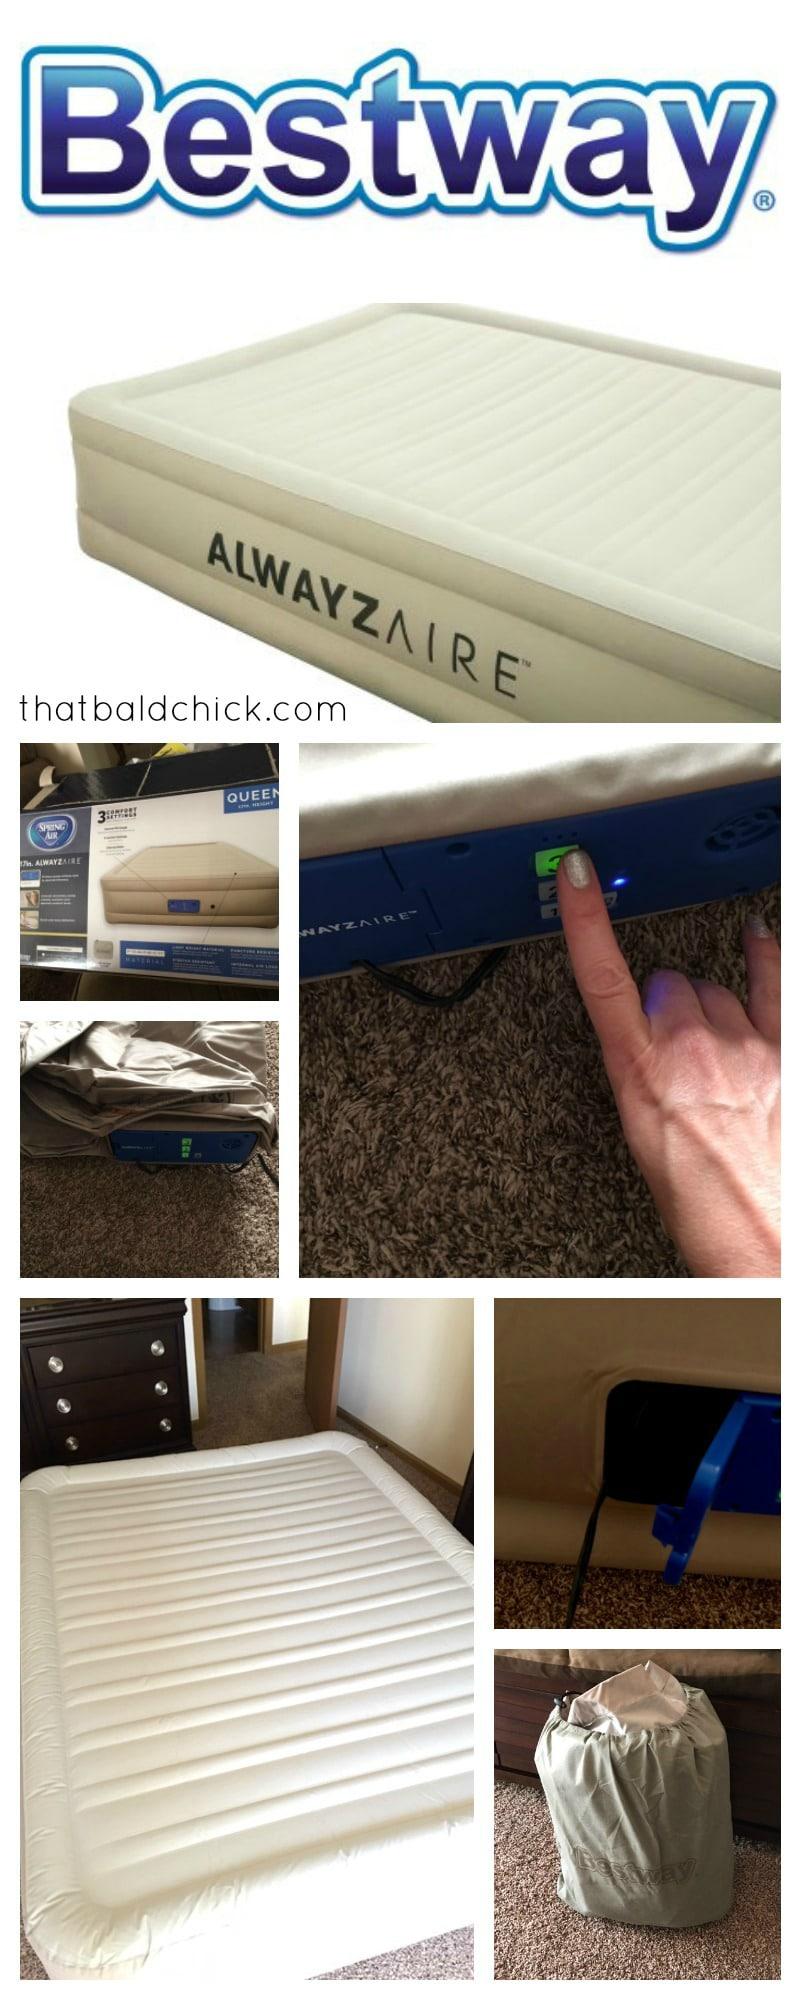 ALWAYZAIRE inflatable mattress